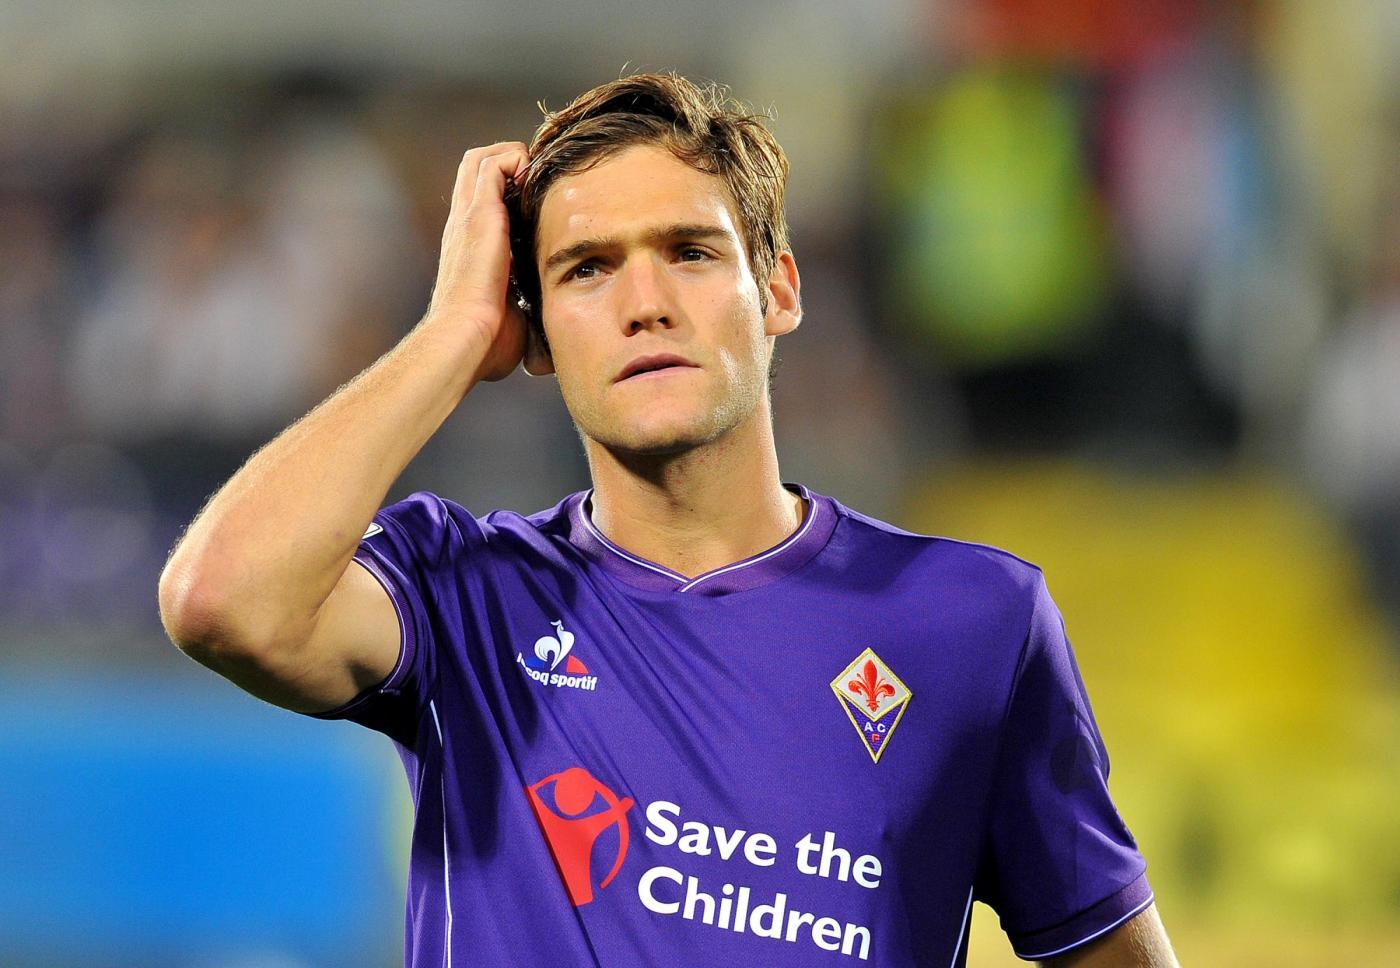 Alonso Saluta La Fiorentina: Sì Al Chelsea Per 26,5 Milioni